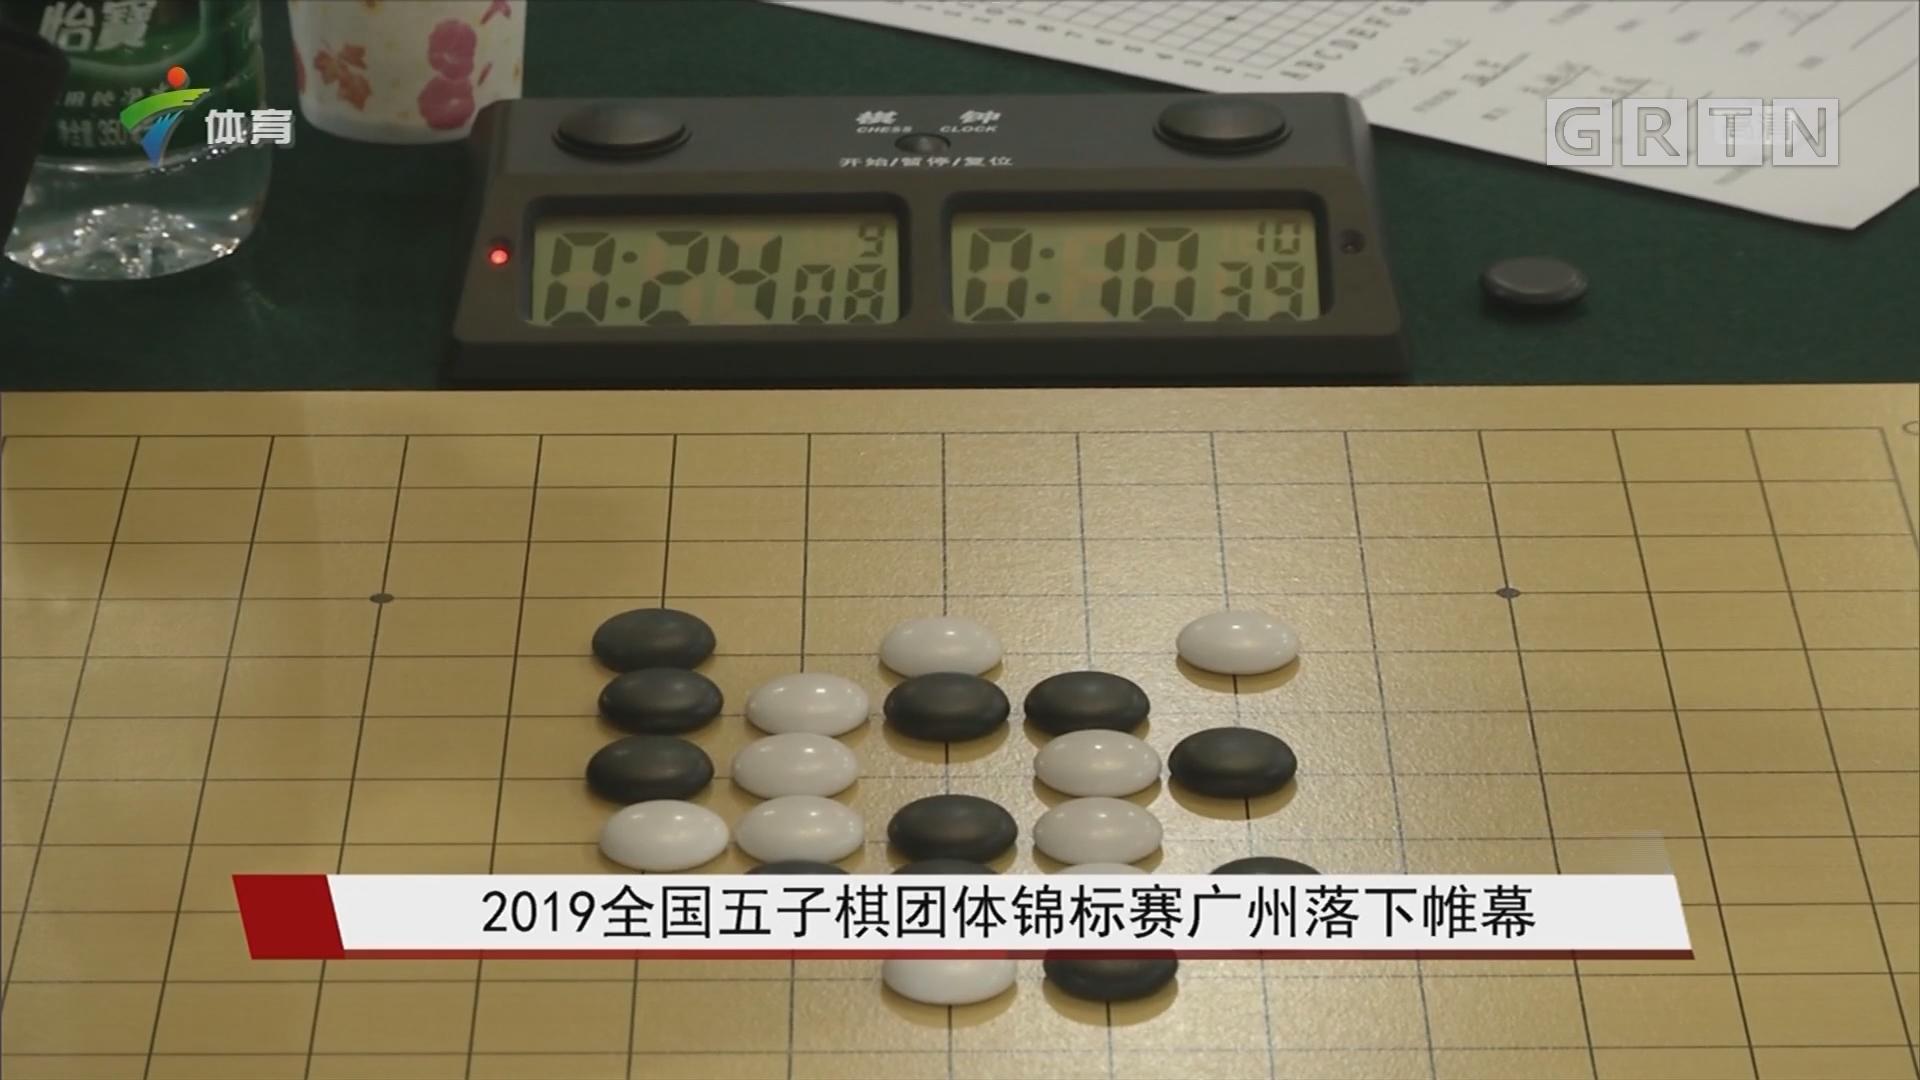 2019全国五子棋团体锦标赛广州落下帷幕